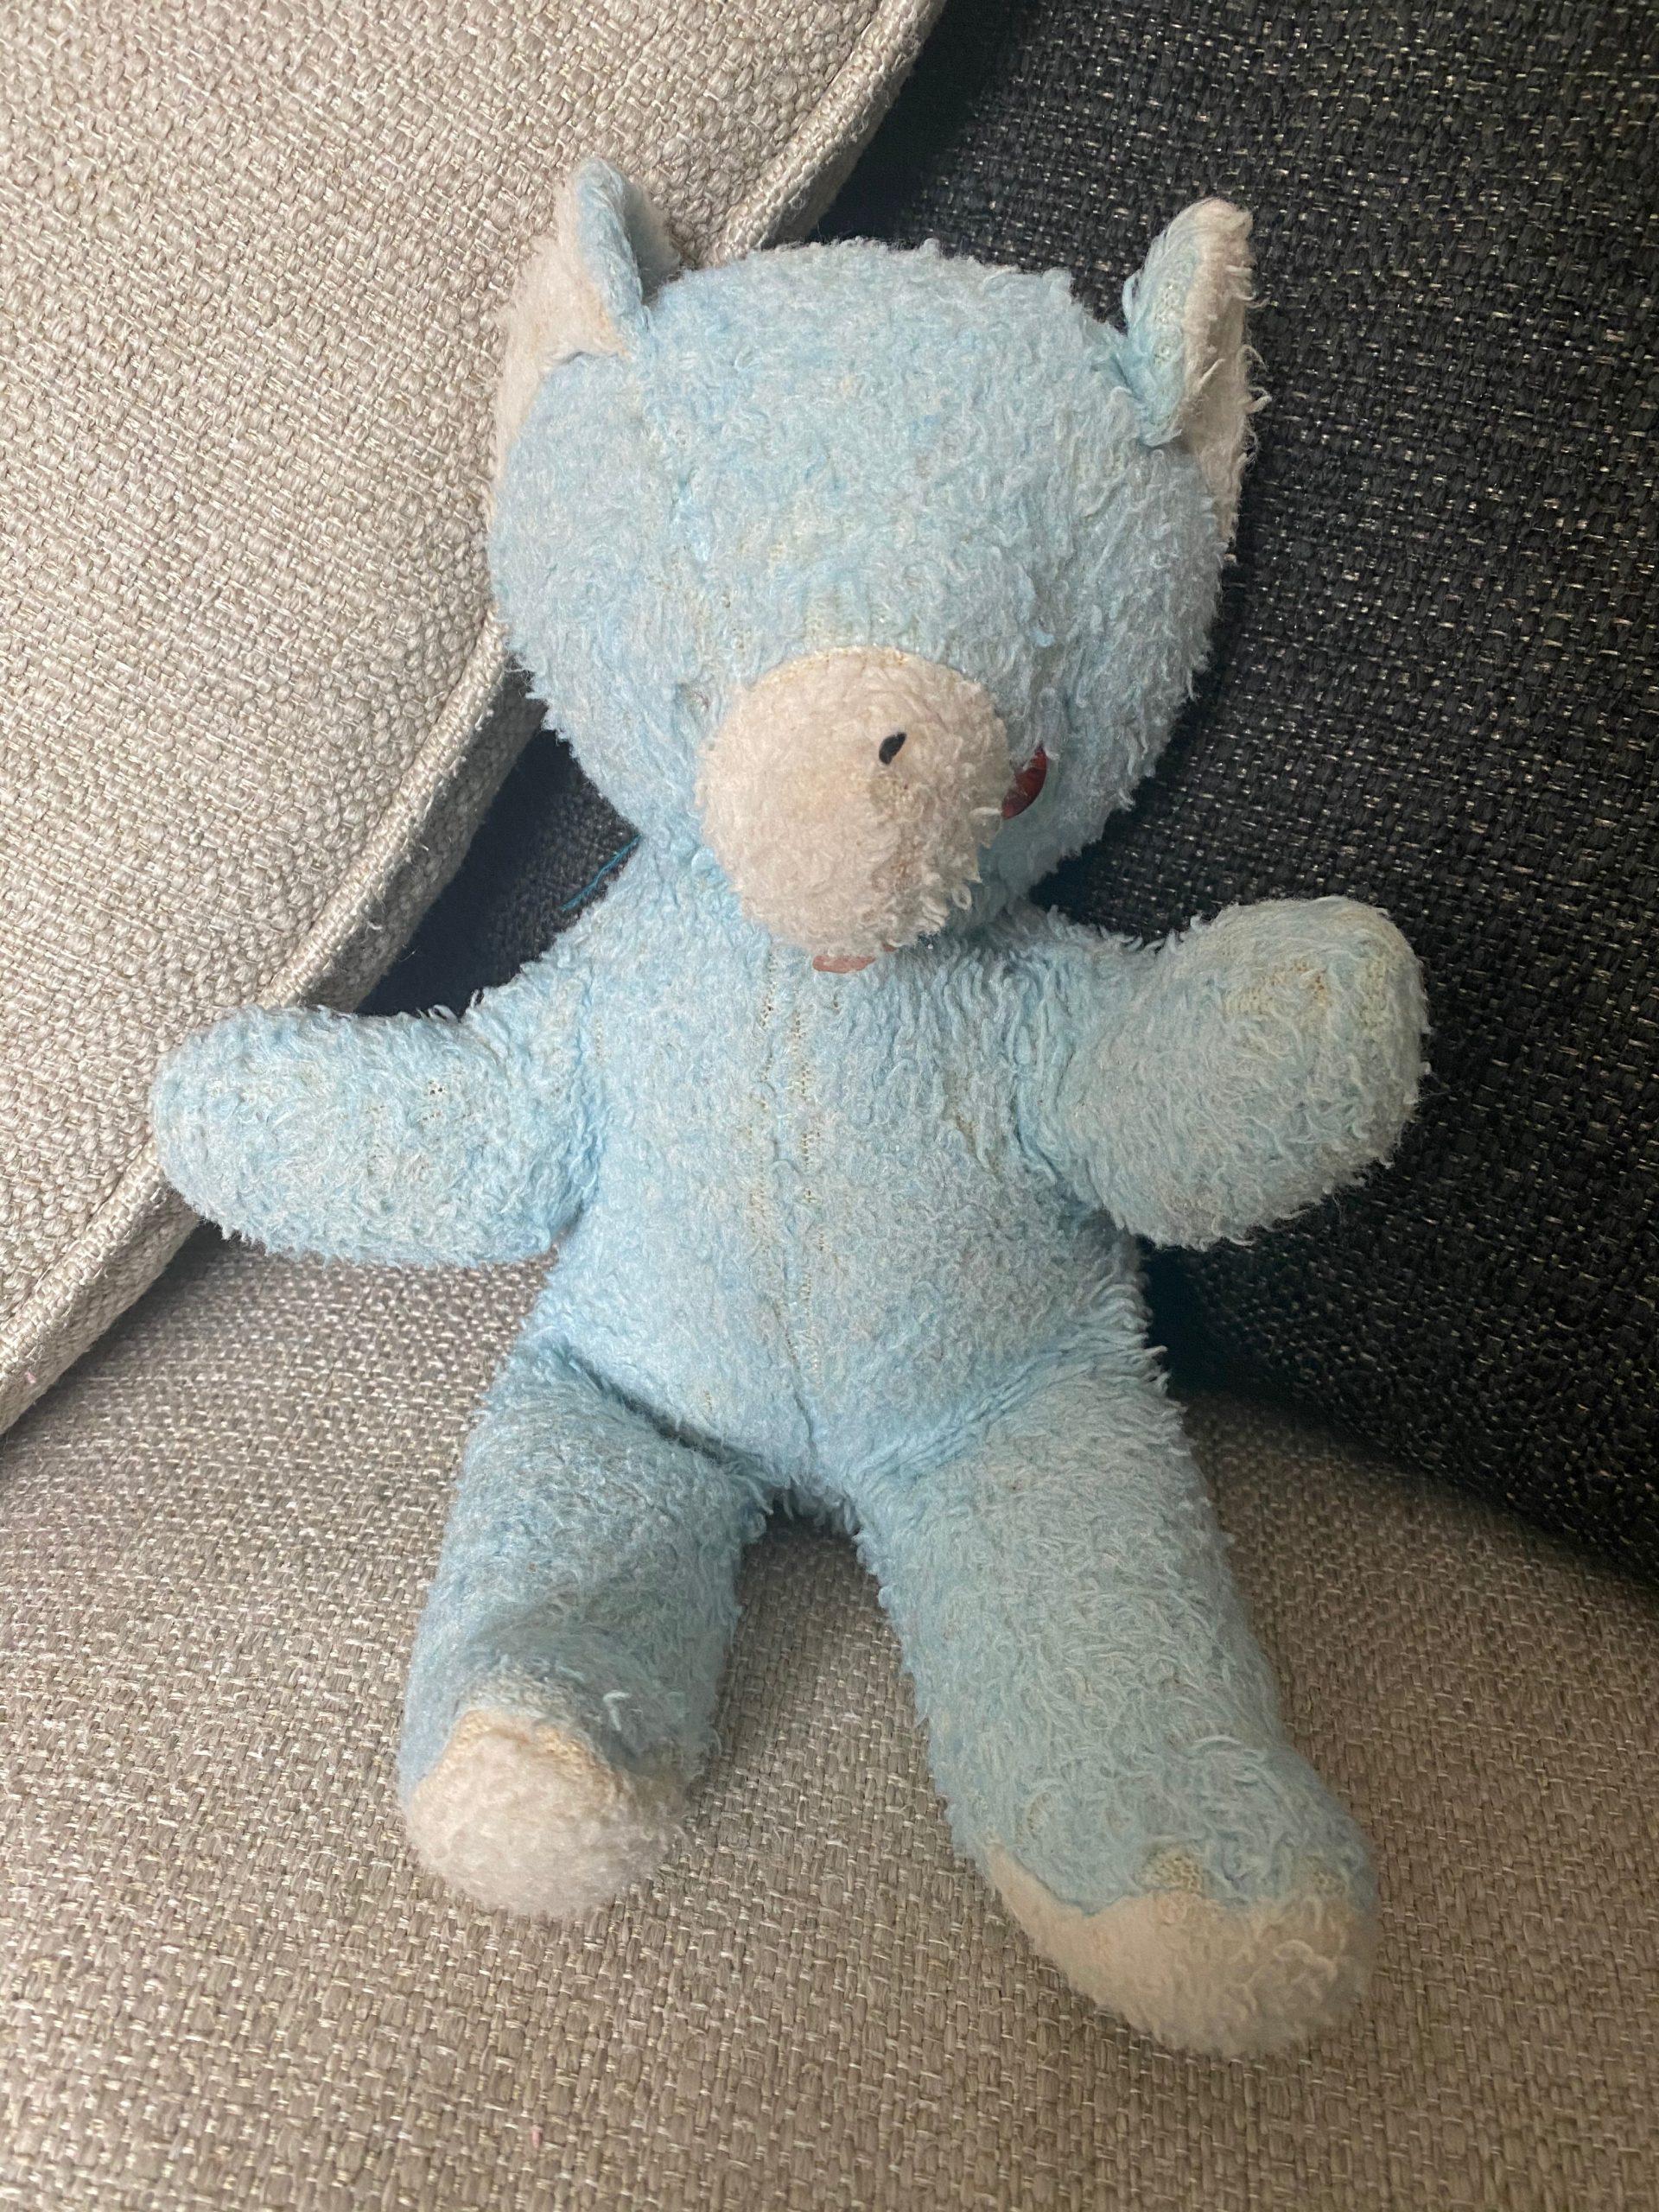 Blue the bear